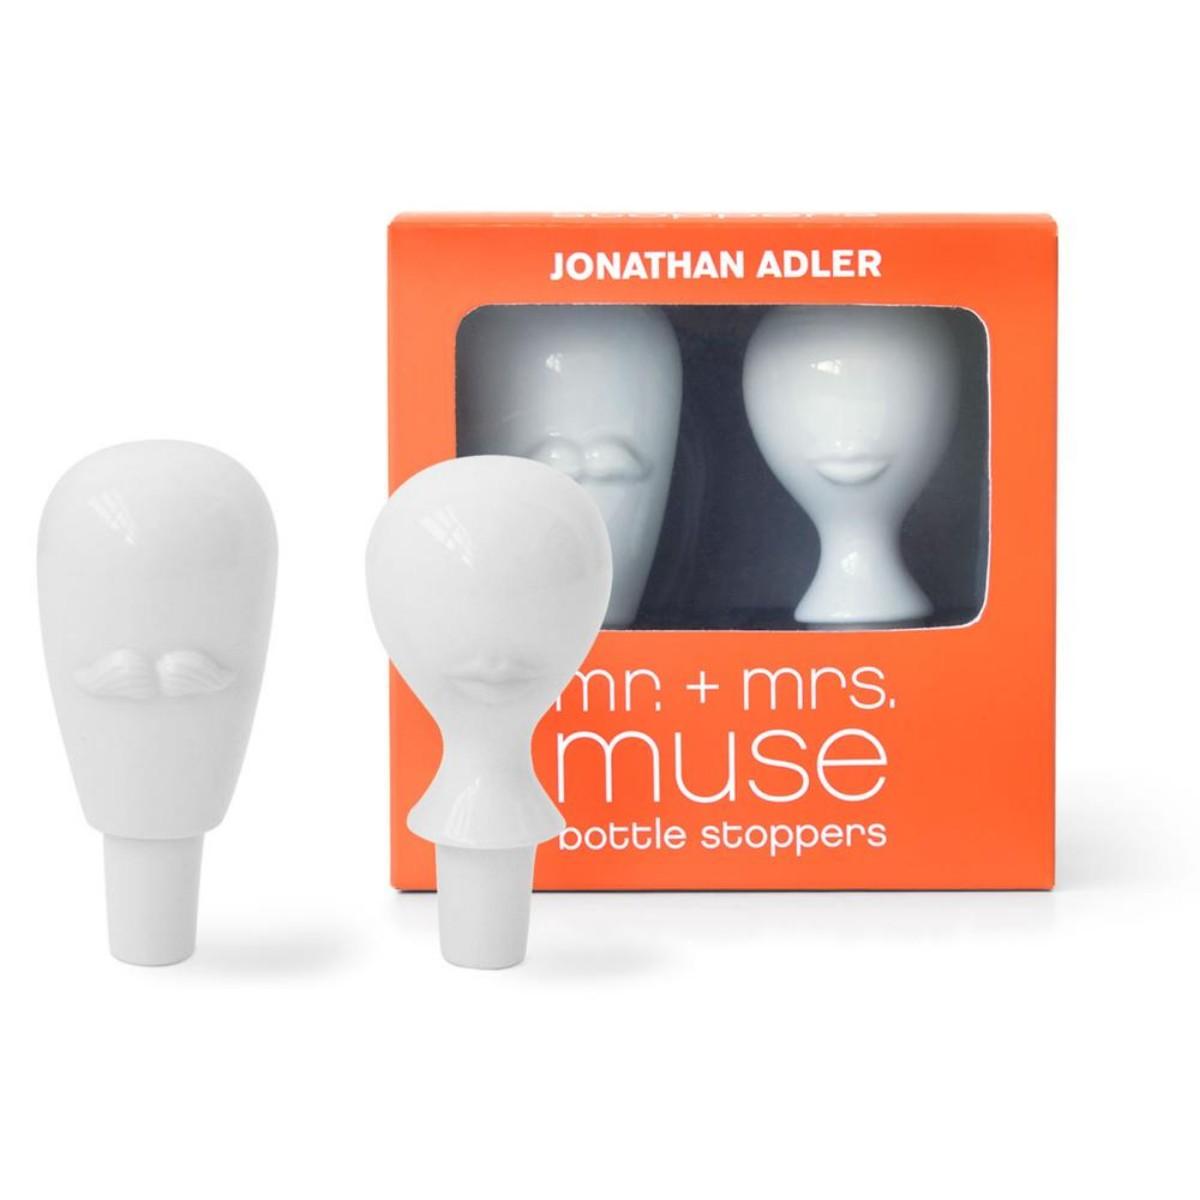 Jonathan Adler I MR. & MRS. Muse Bottle Stopper Set